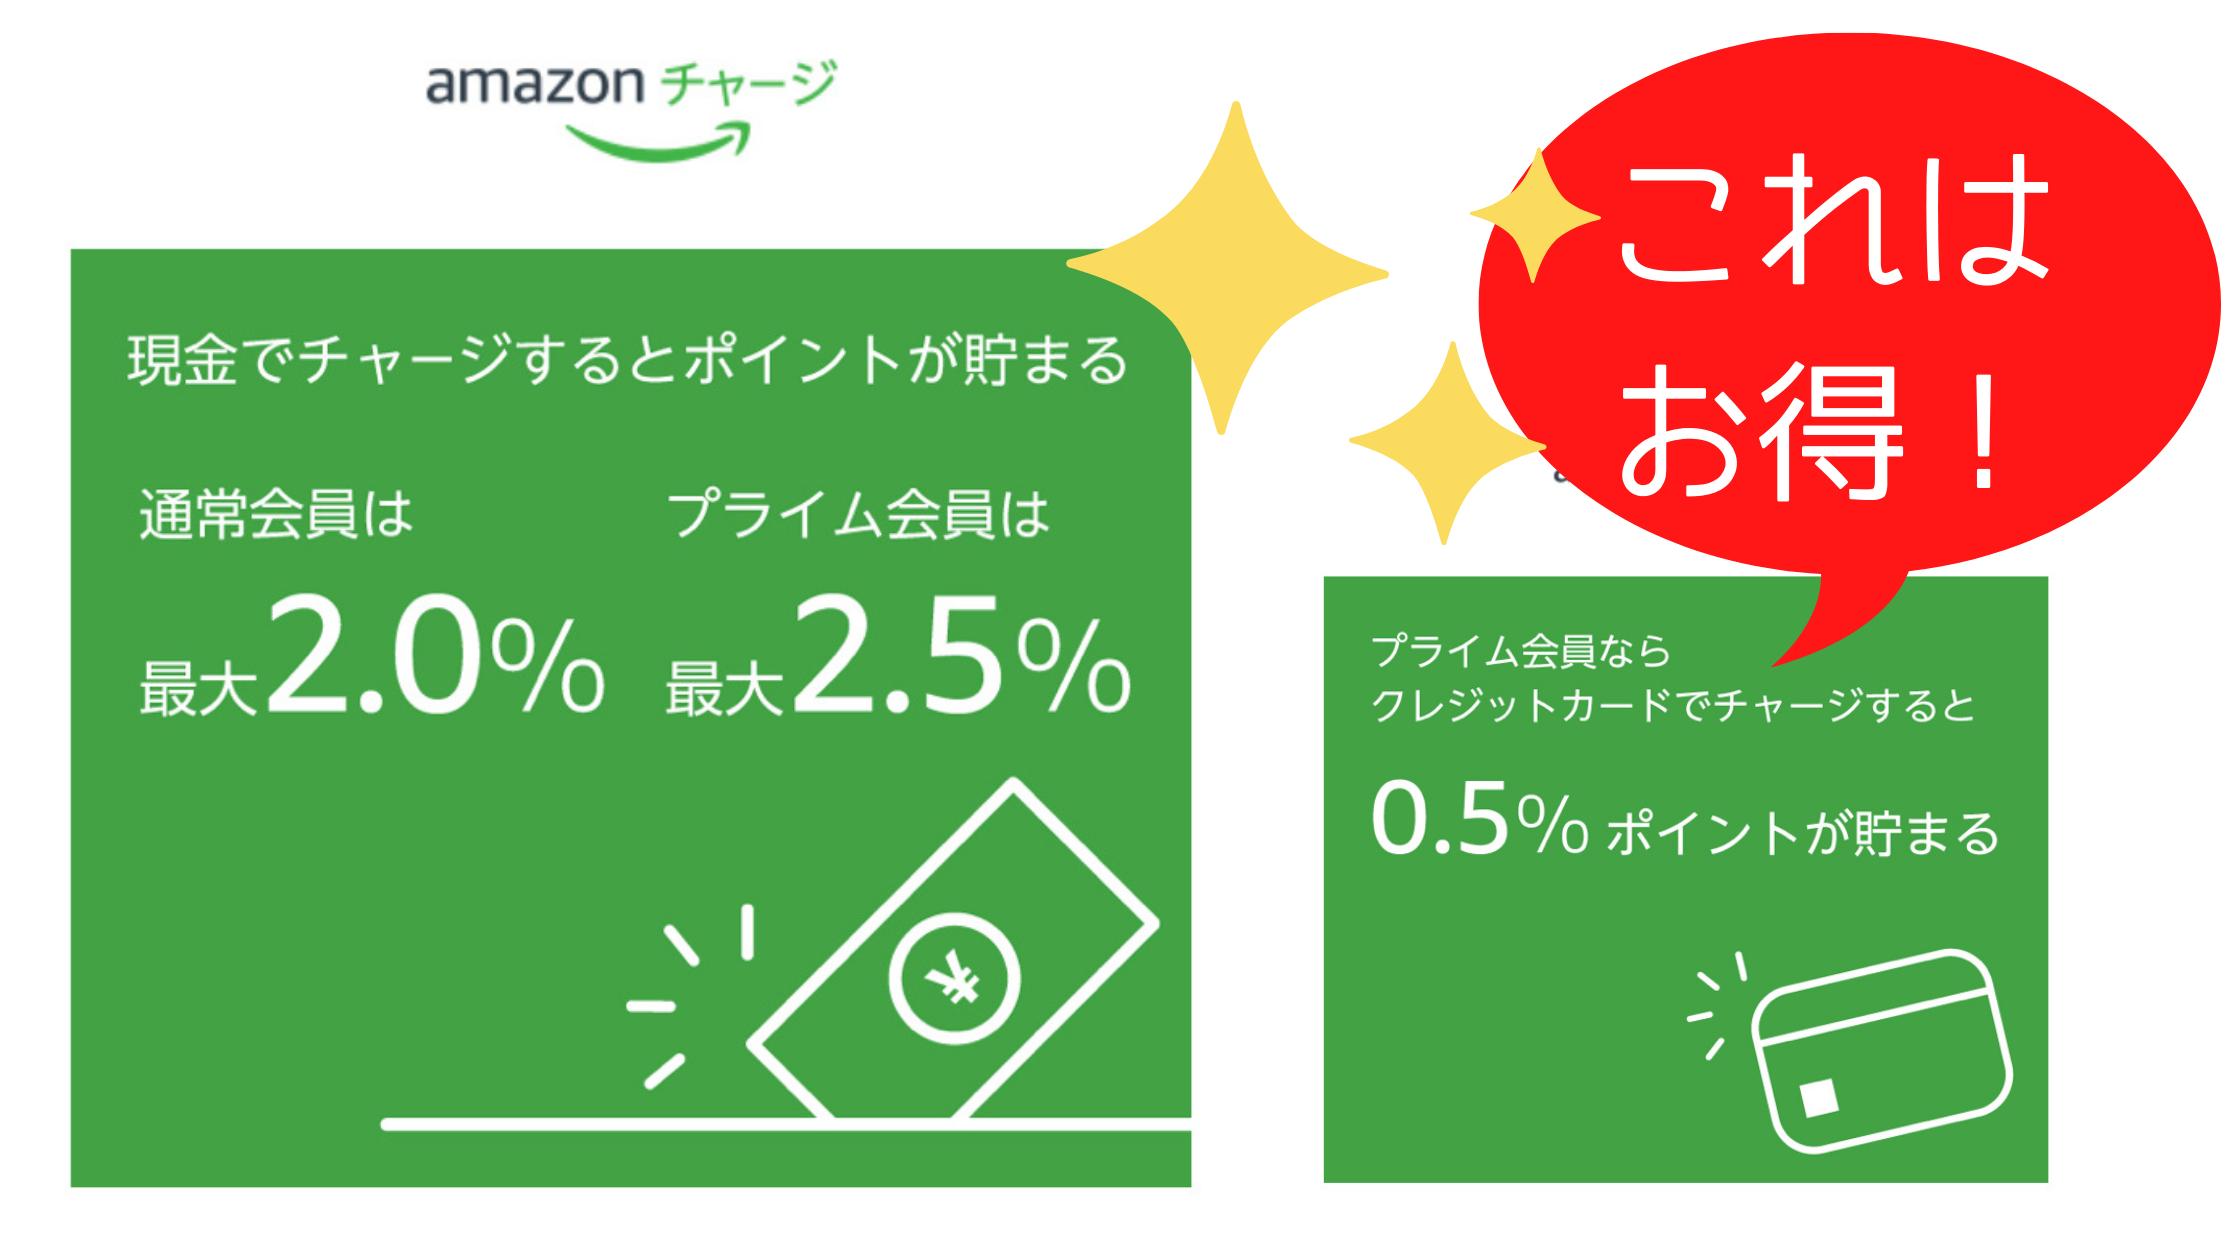 【Amazon】①500ポイントもらえる、②買い物で最大2.5%ポイントもらえる、③買い物で0.5%ポイントもらえる